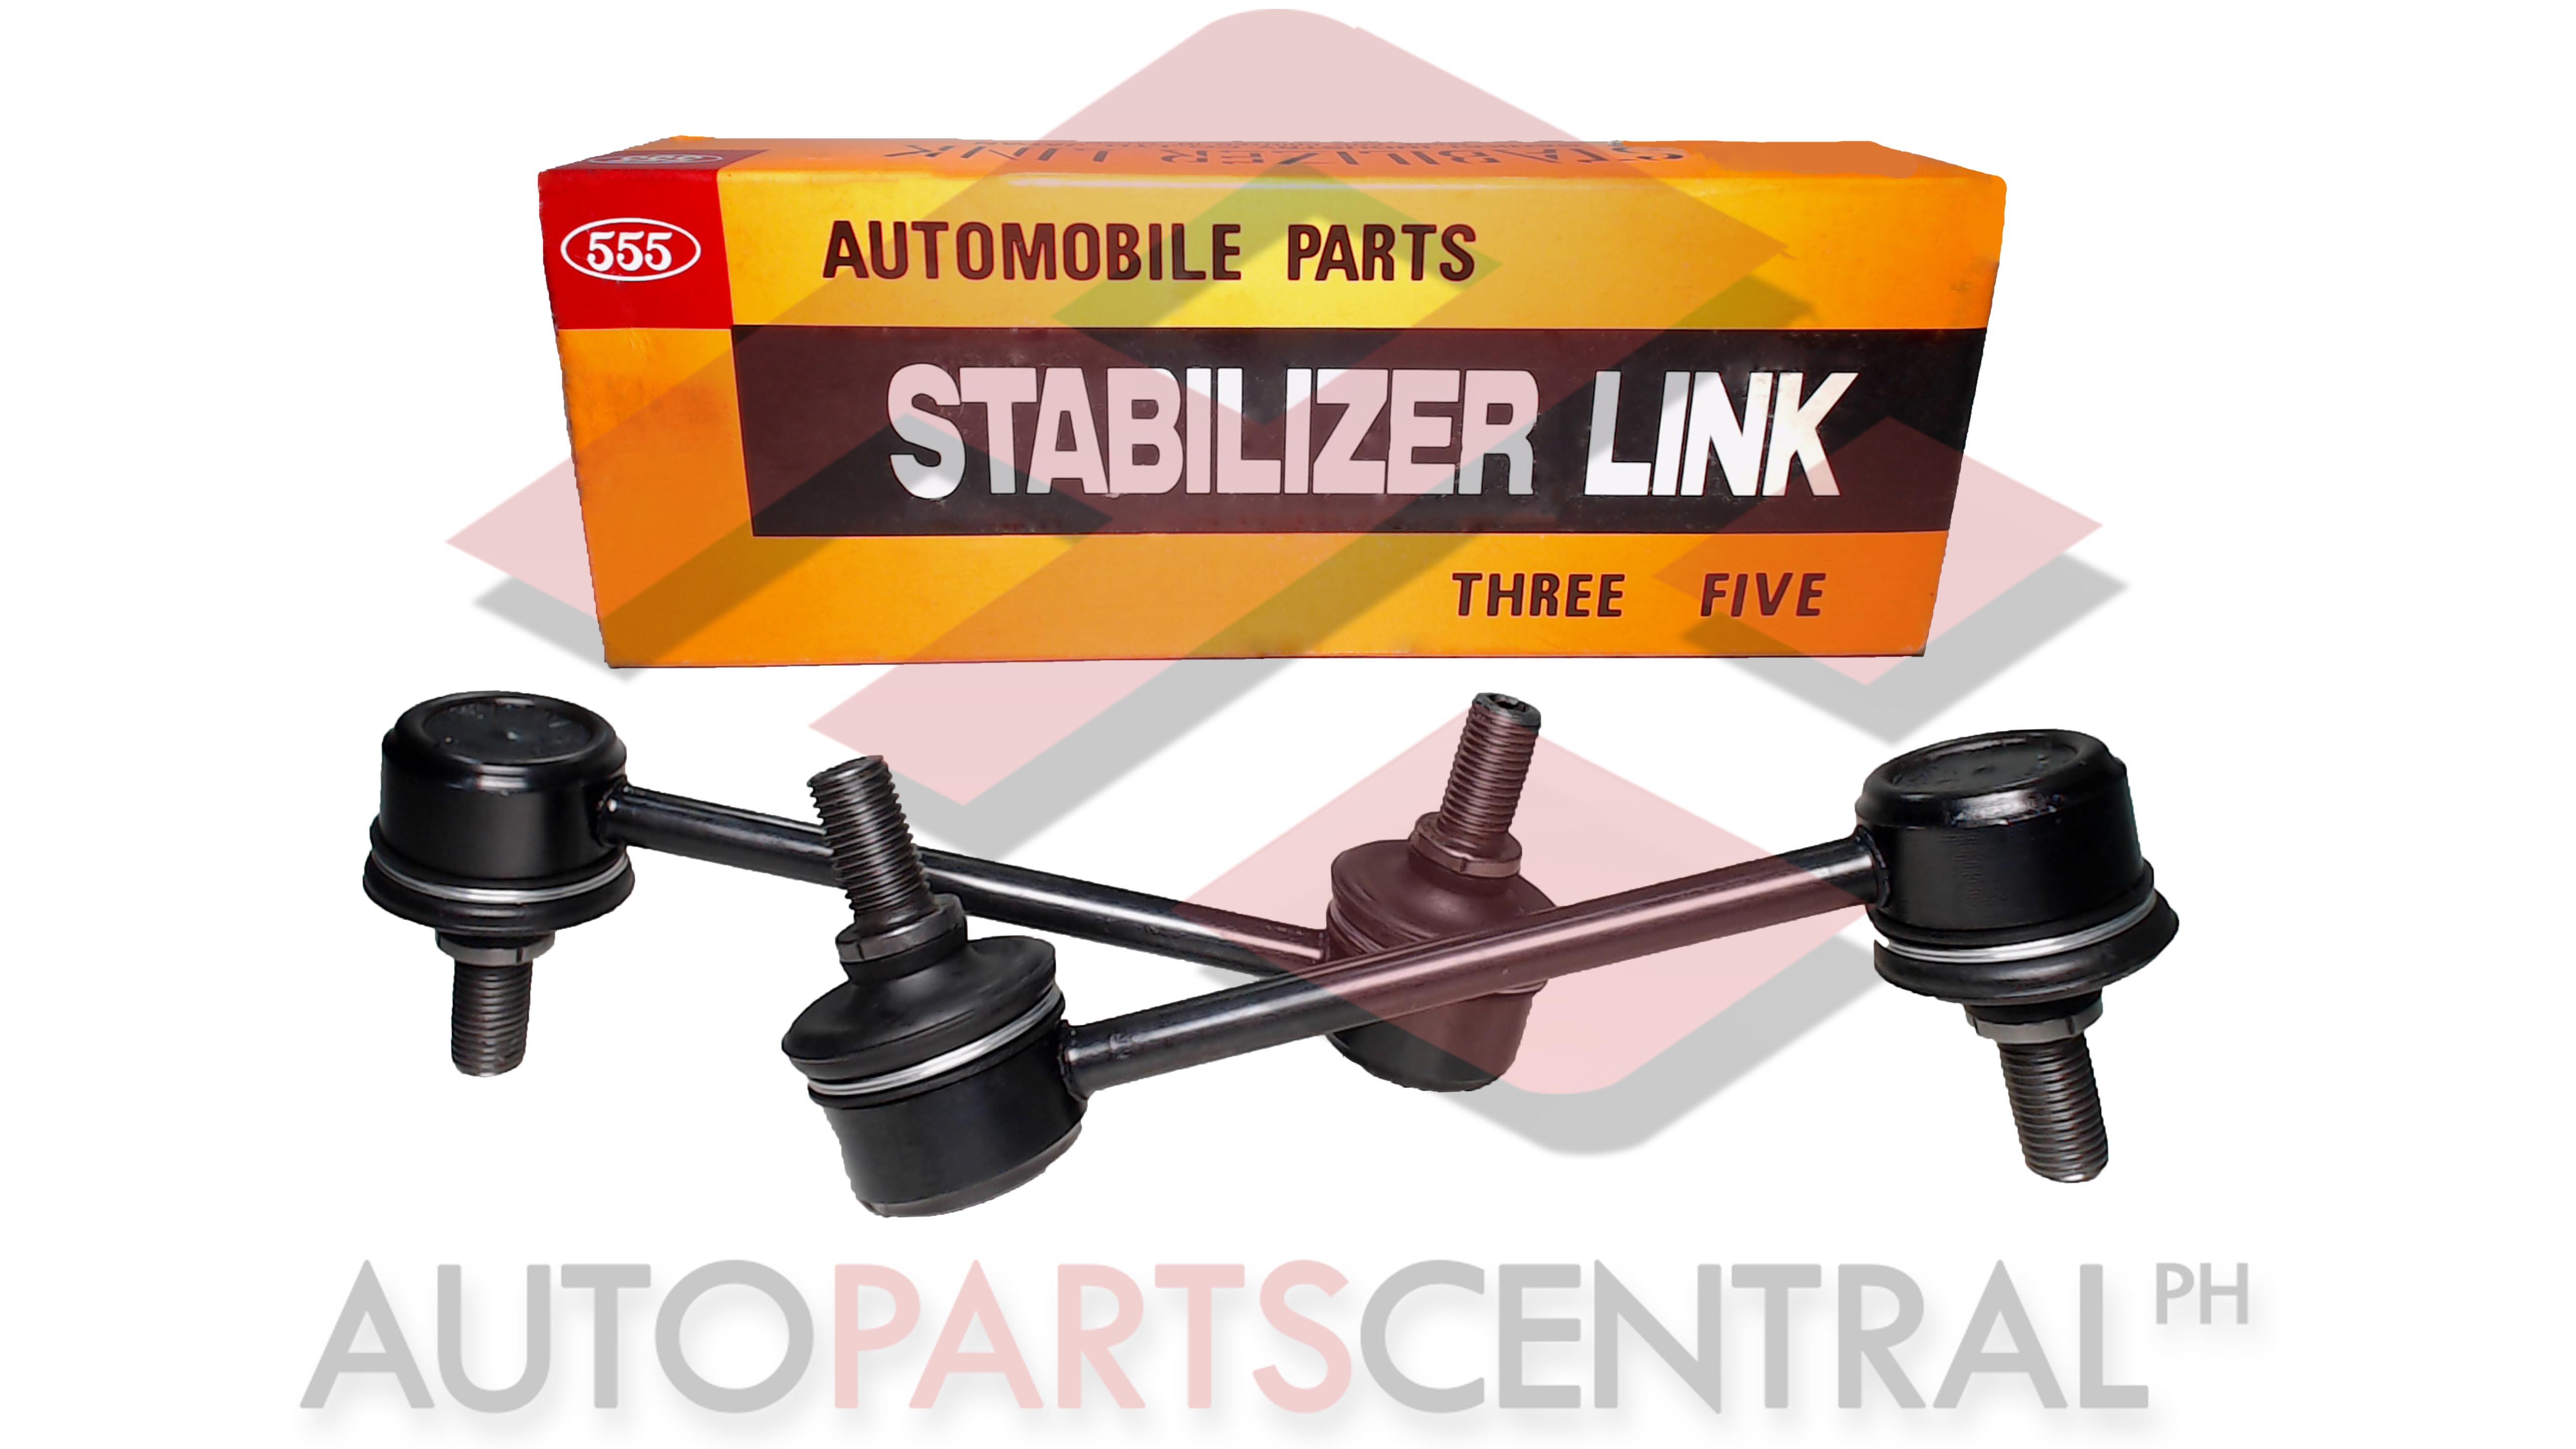 Stabilizer Link 555 Sl 7670 Autopartscentralph Suzuki Apv Fuse Box